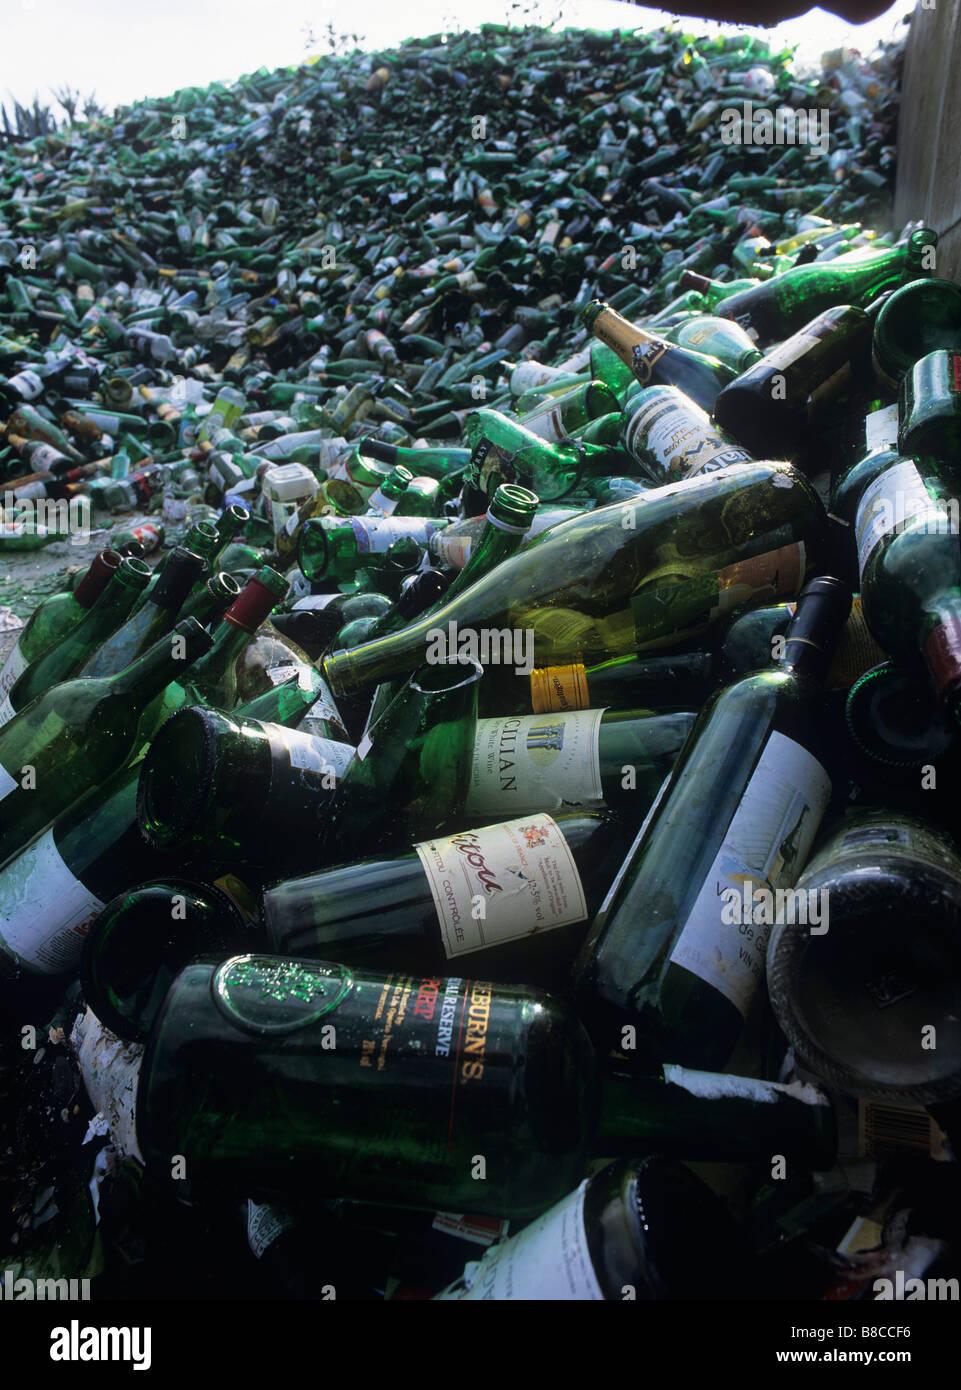 Bottiglie per il riciclaggio Immagini Stock